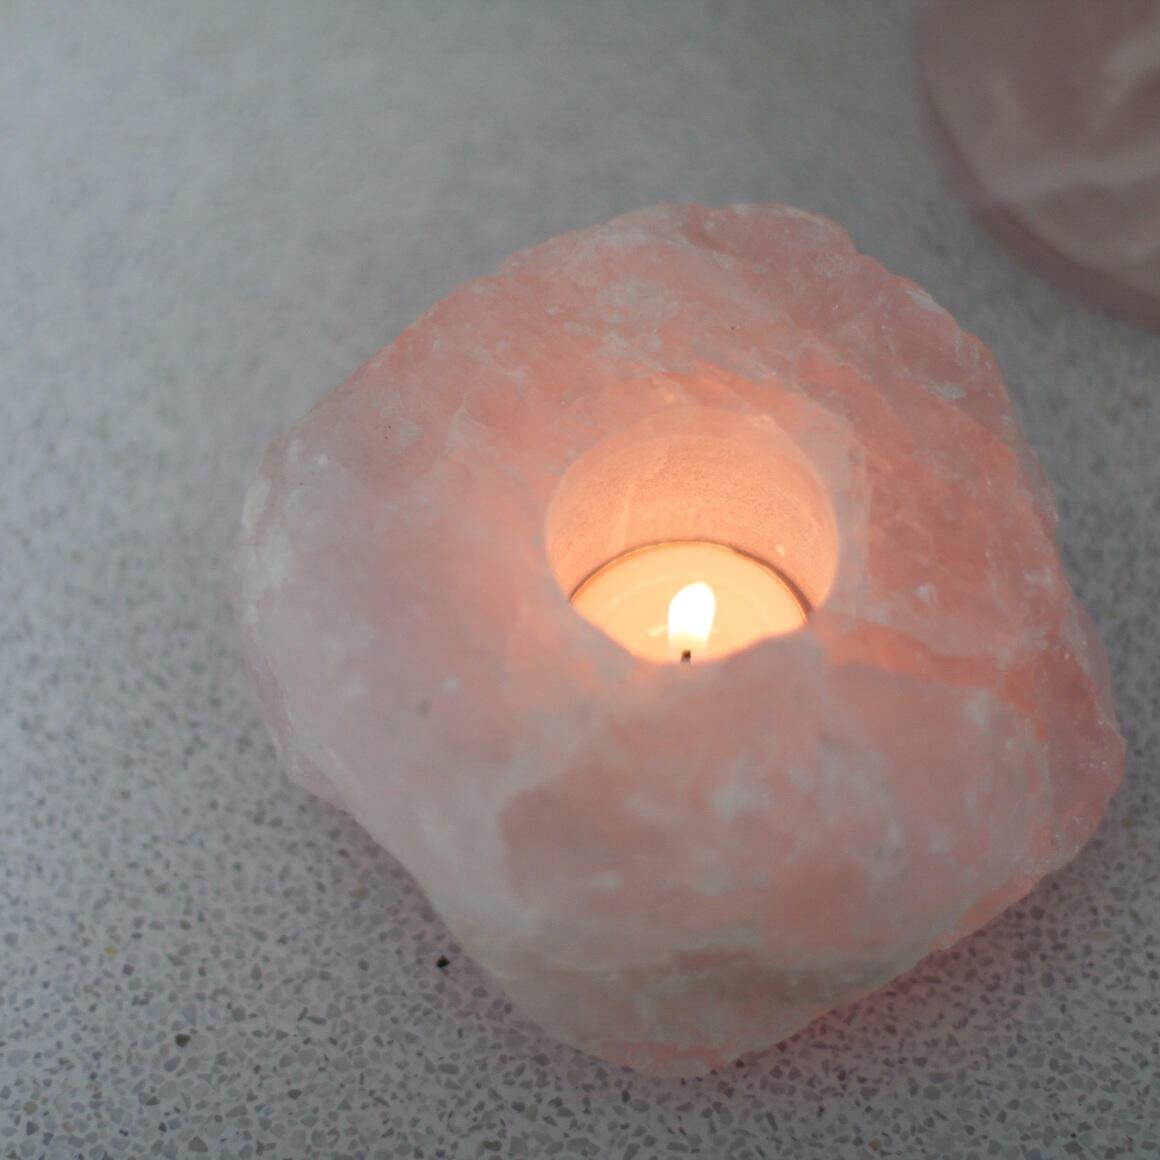 Xiggy Rough Candle Holders Quality A Rose Quartz | Trada Marketplace